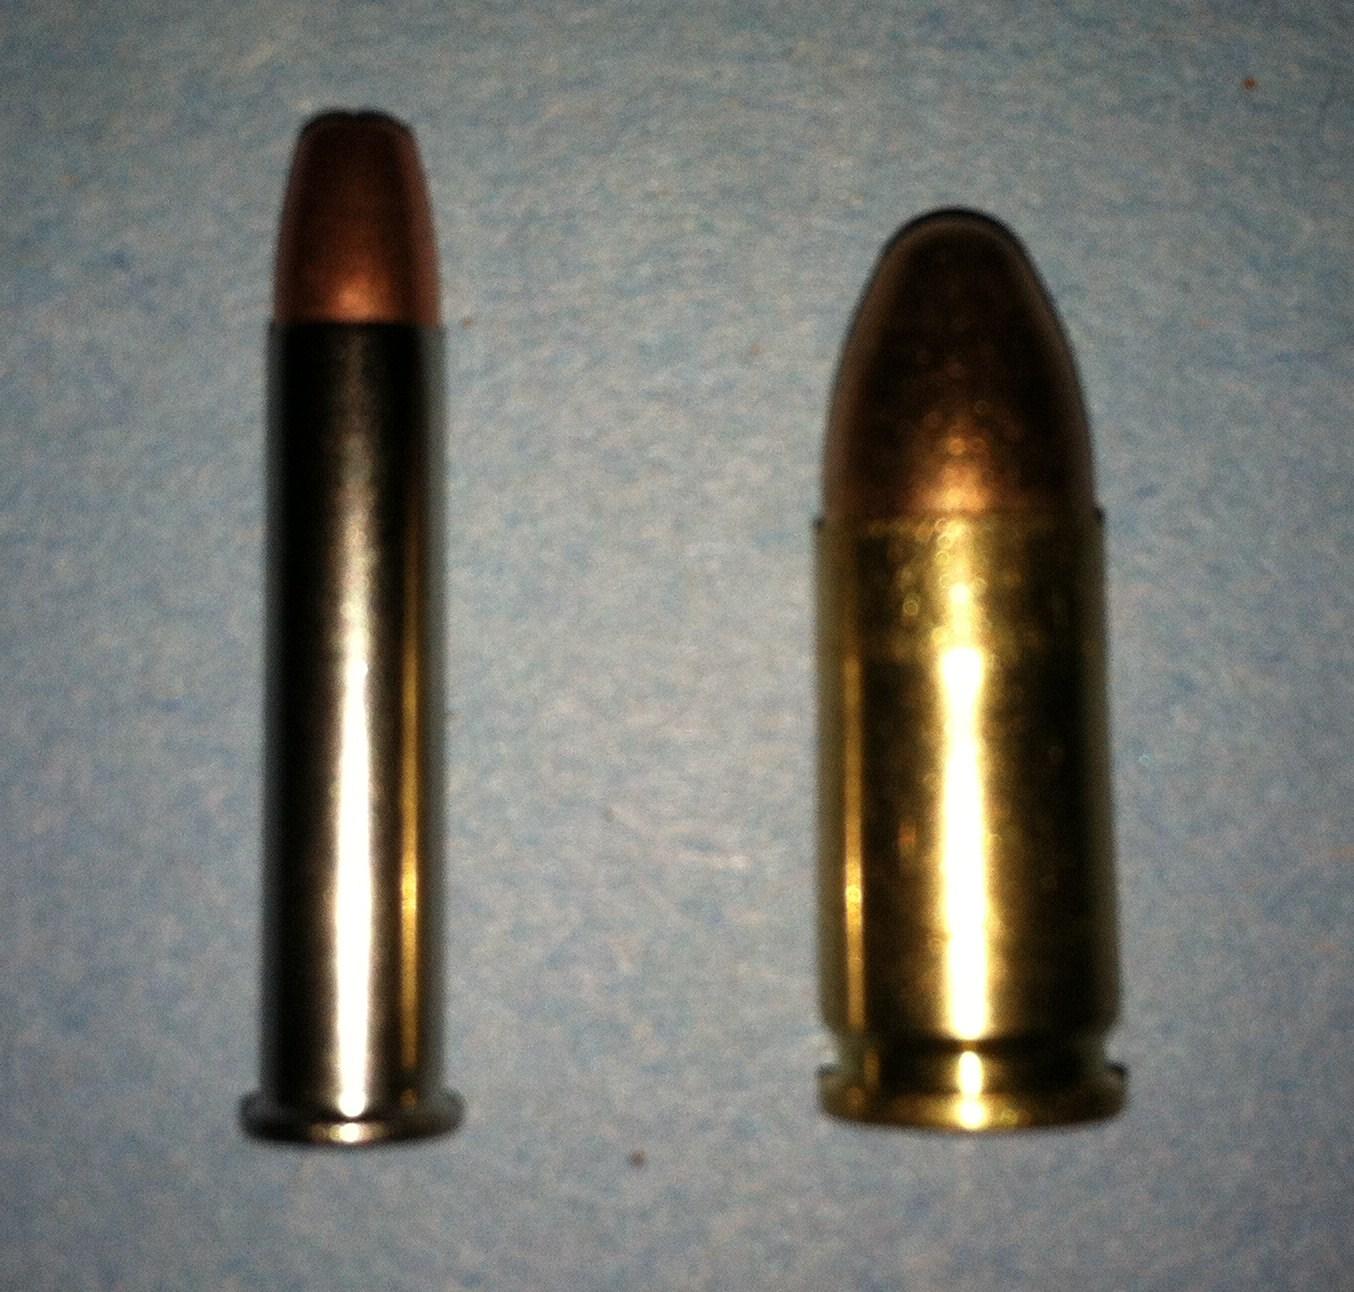 Selecting Proper Defensive Ammunition